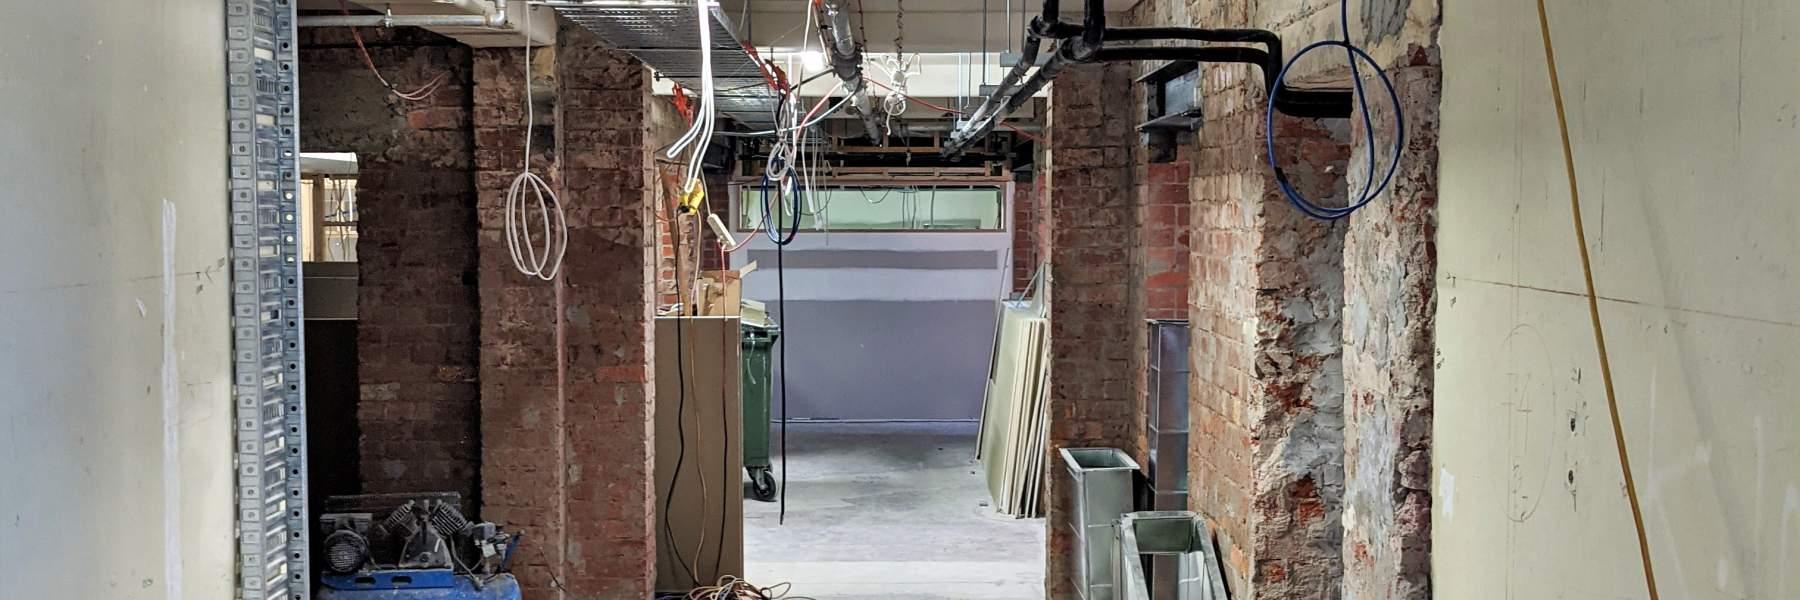 Studio Corridor - build in progress